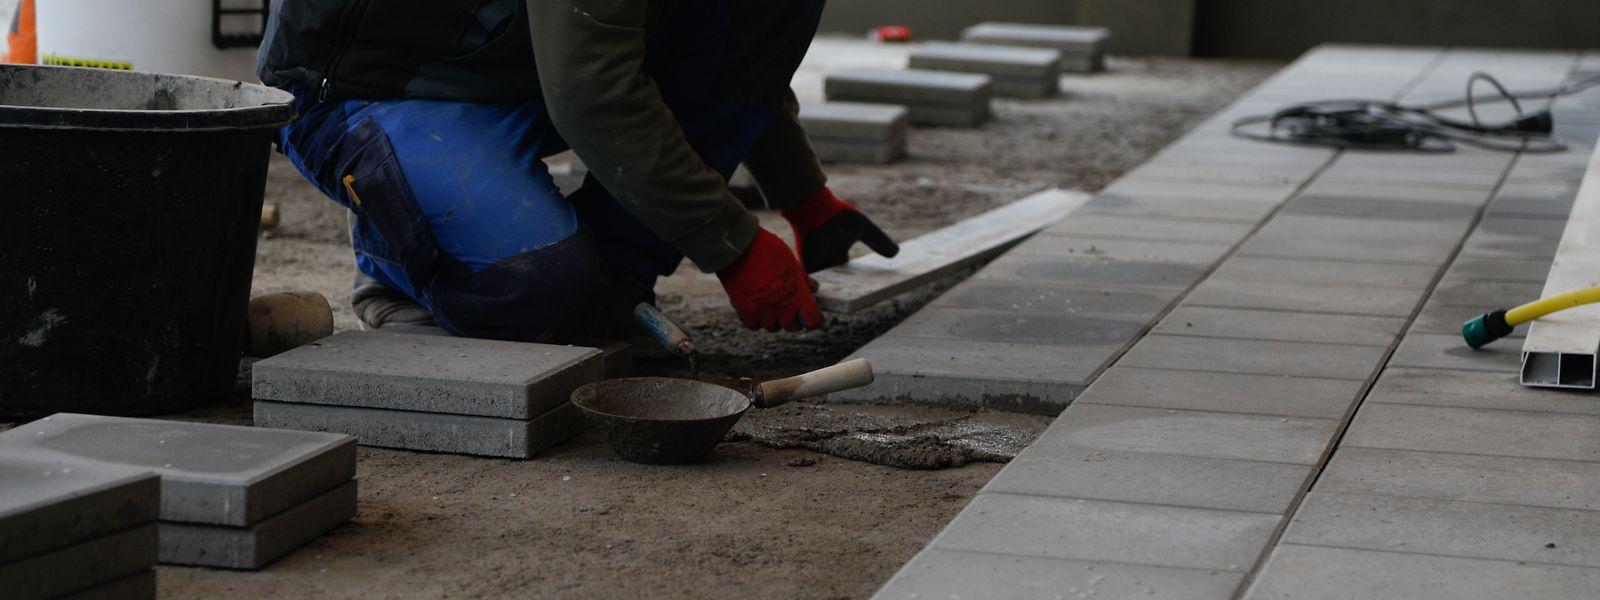 Derrière les portes closes des restaurants, les chantiers fleurissent dans la capitale. Nombreux sont ainsi les restaurateurs à profiter de cette pause forcée pour rénover leur établissement.